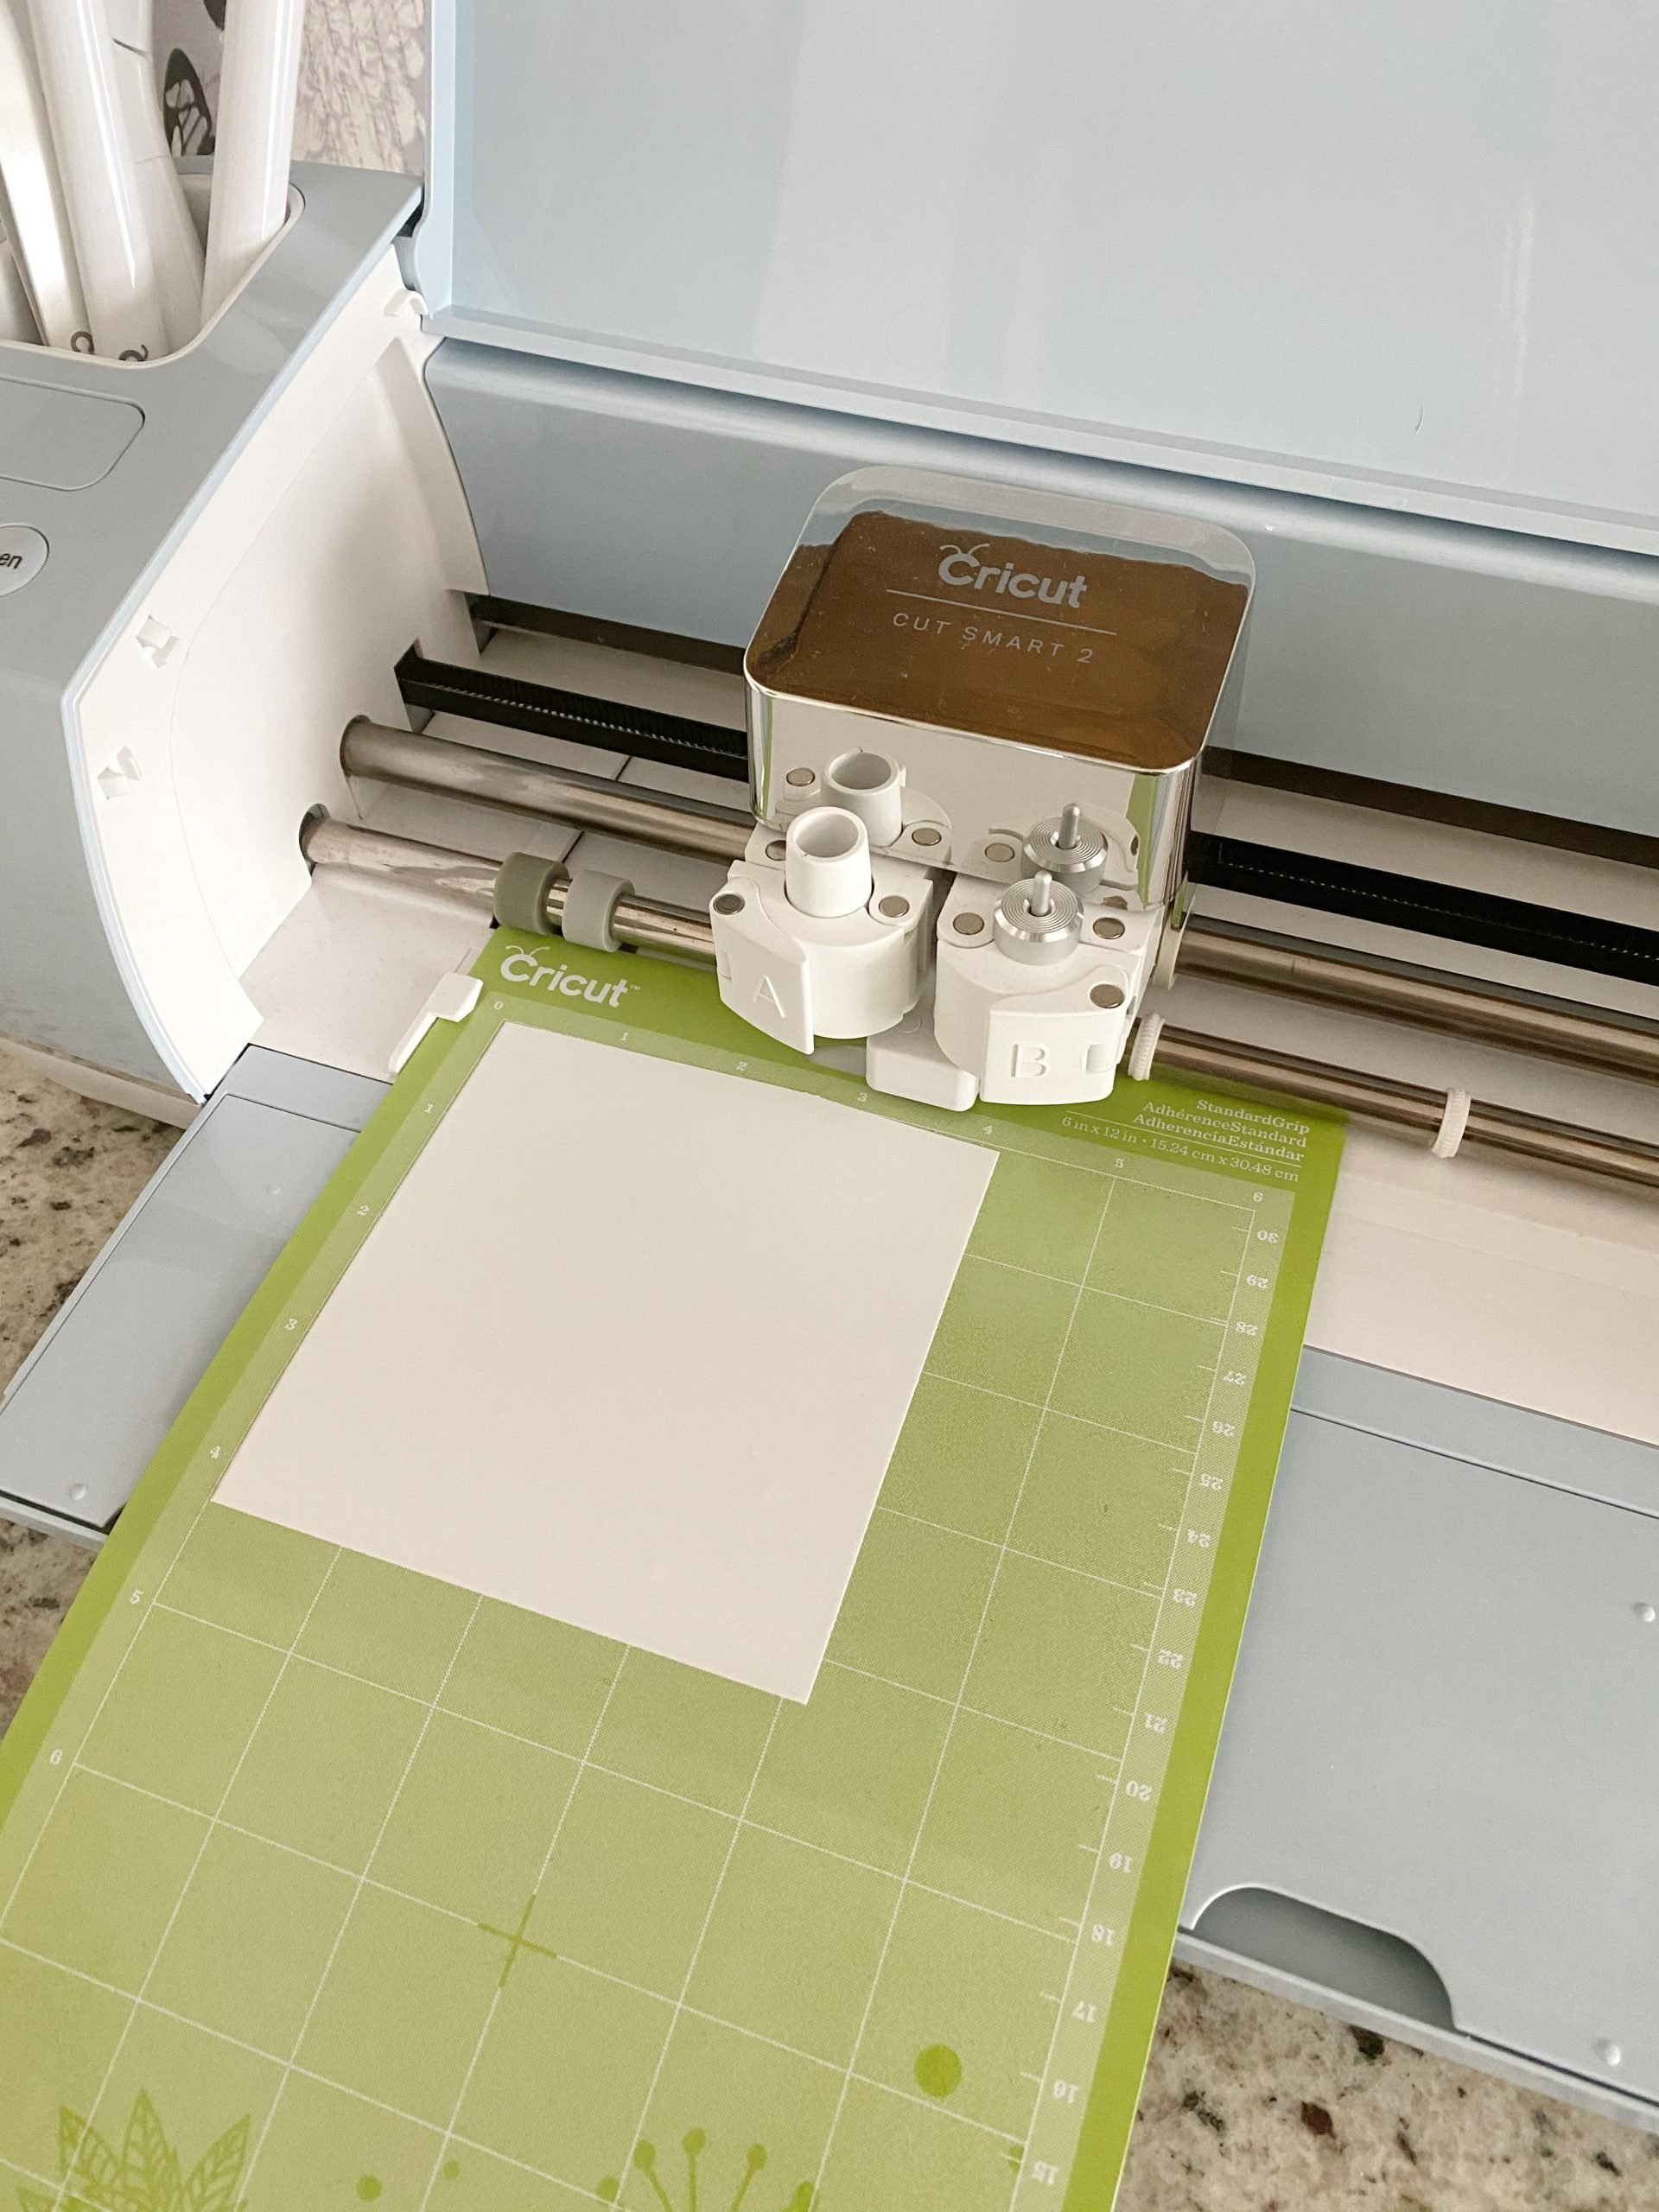 Cricut machine cutting stencil